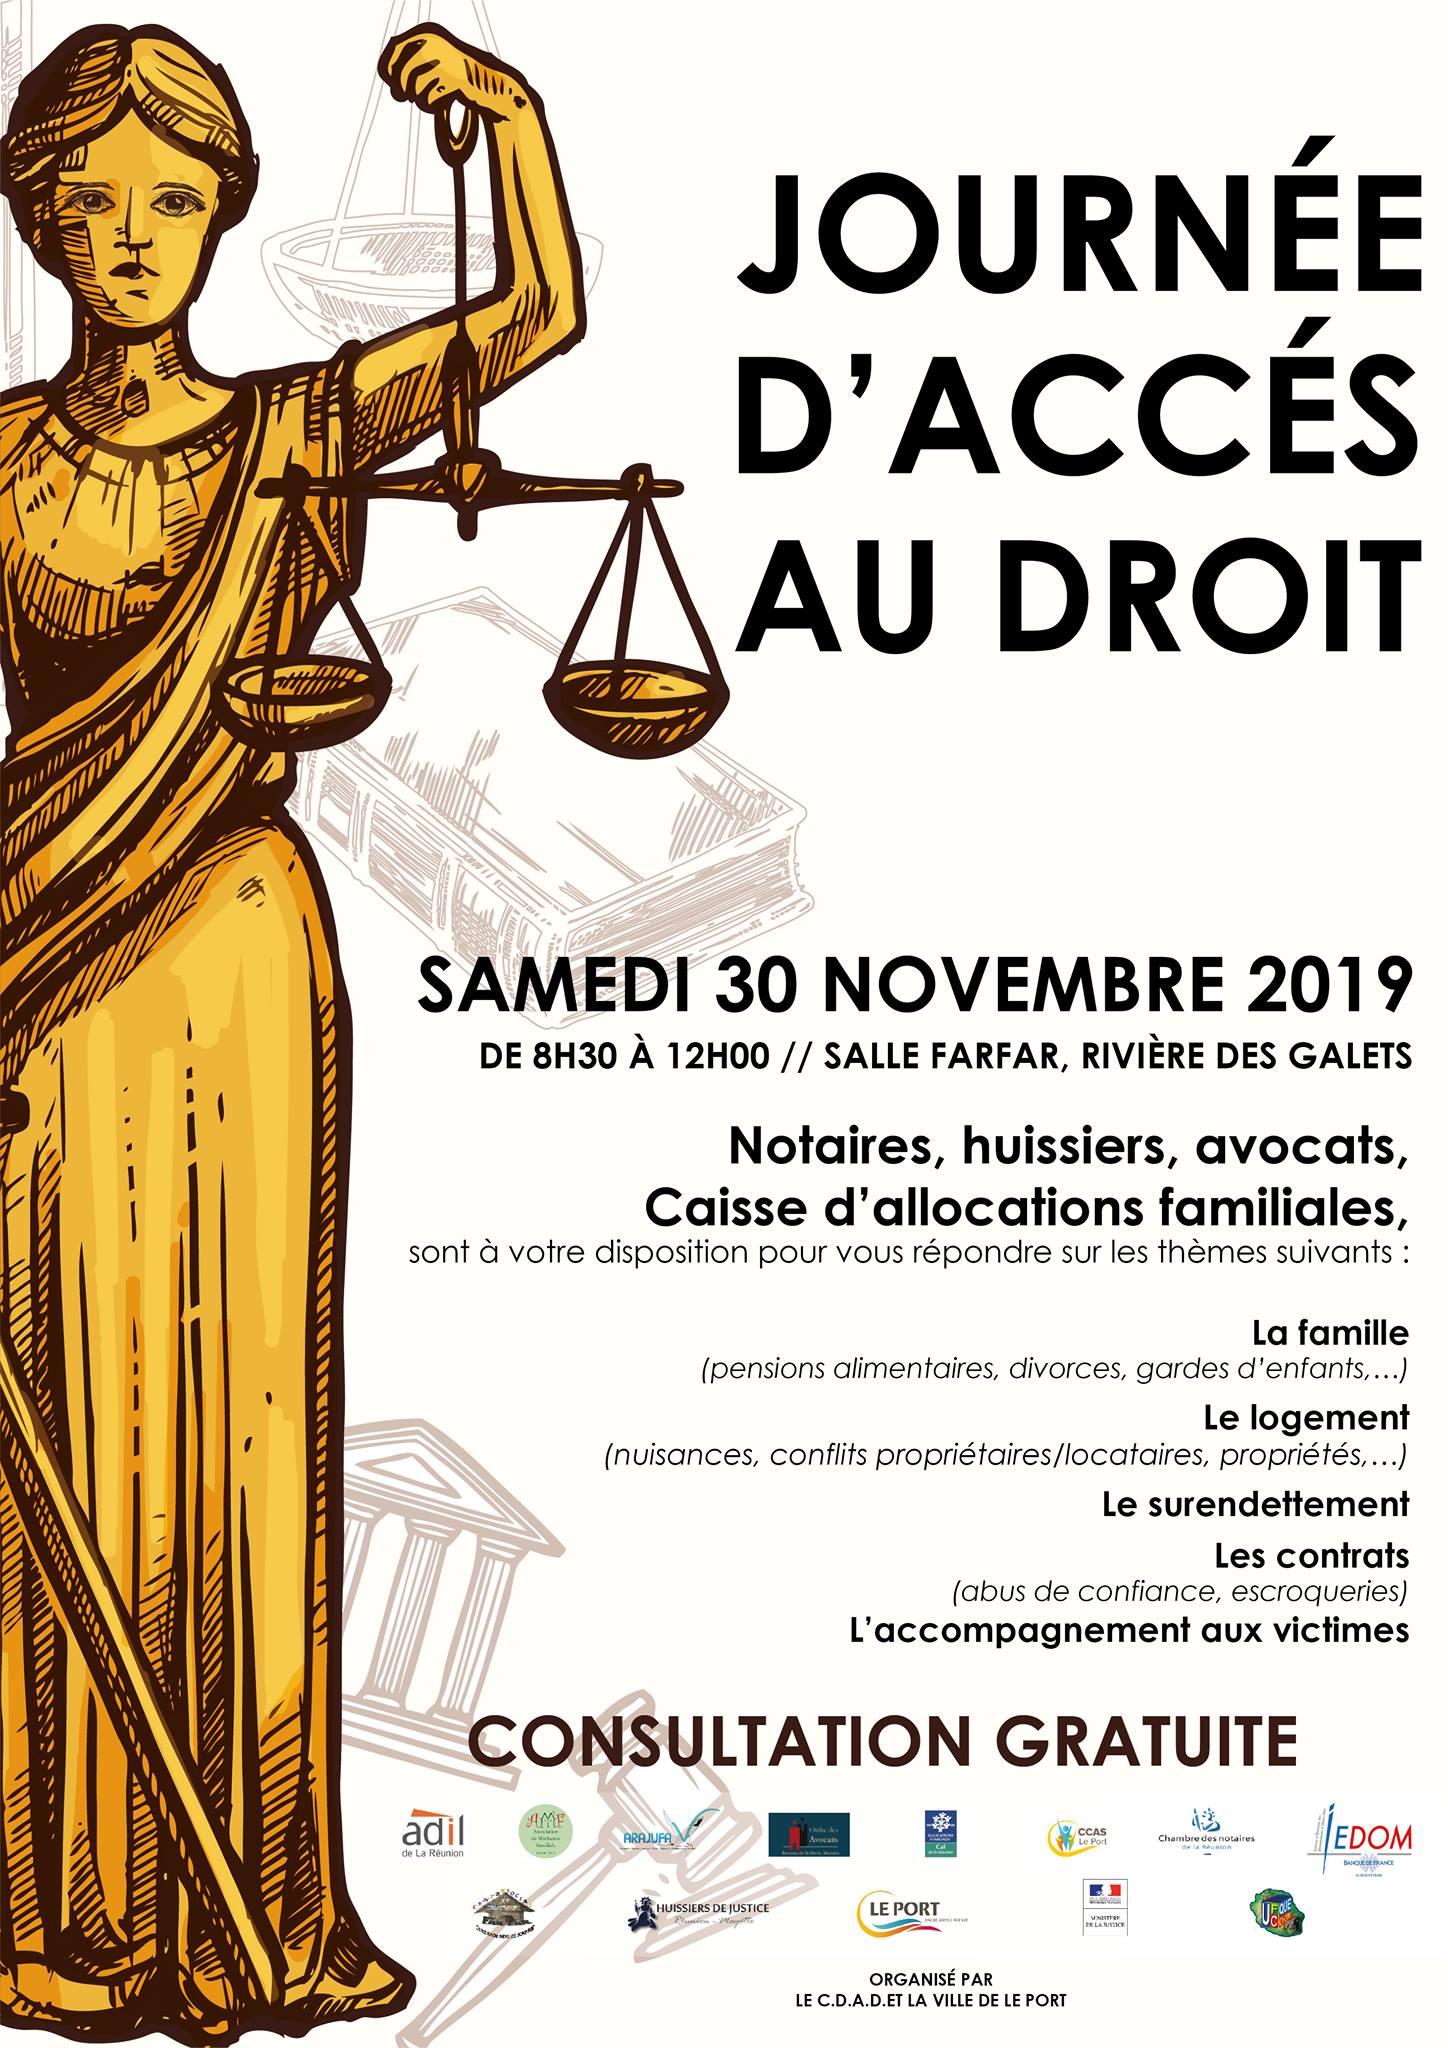 Journée d'accès au droit